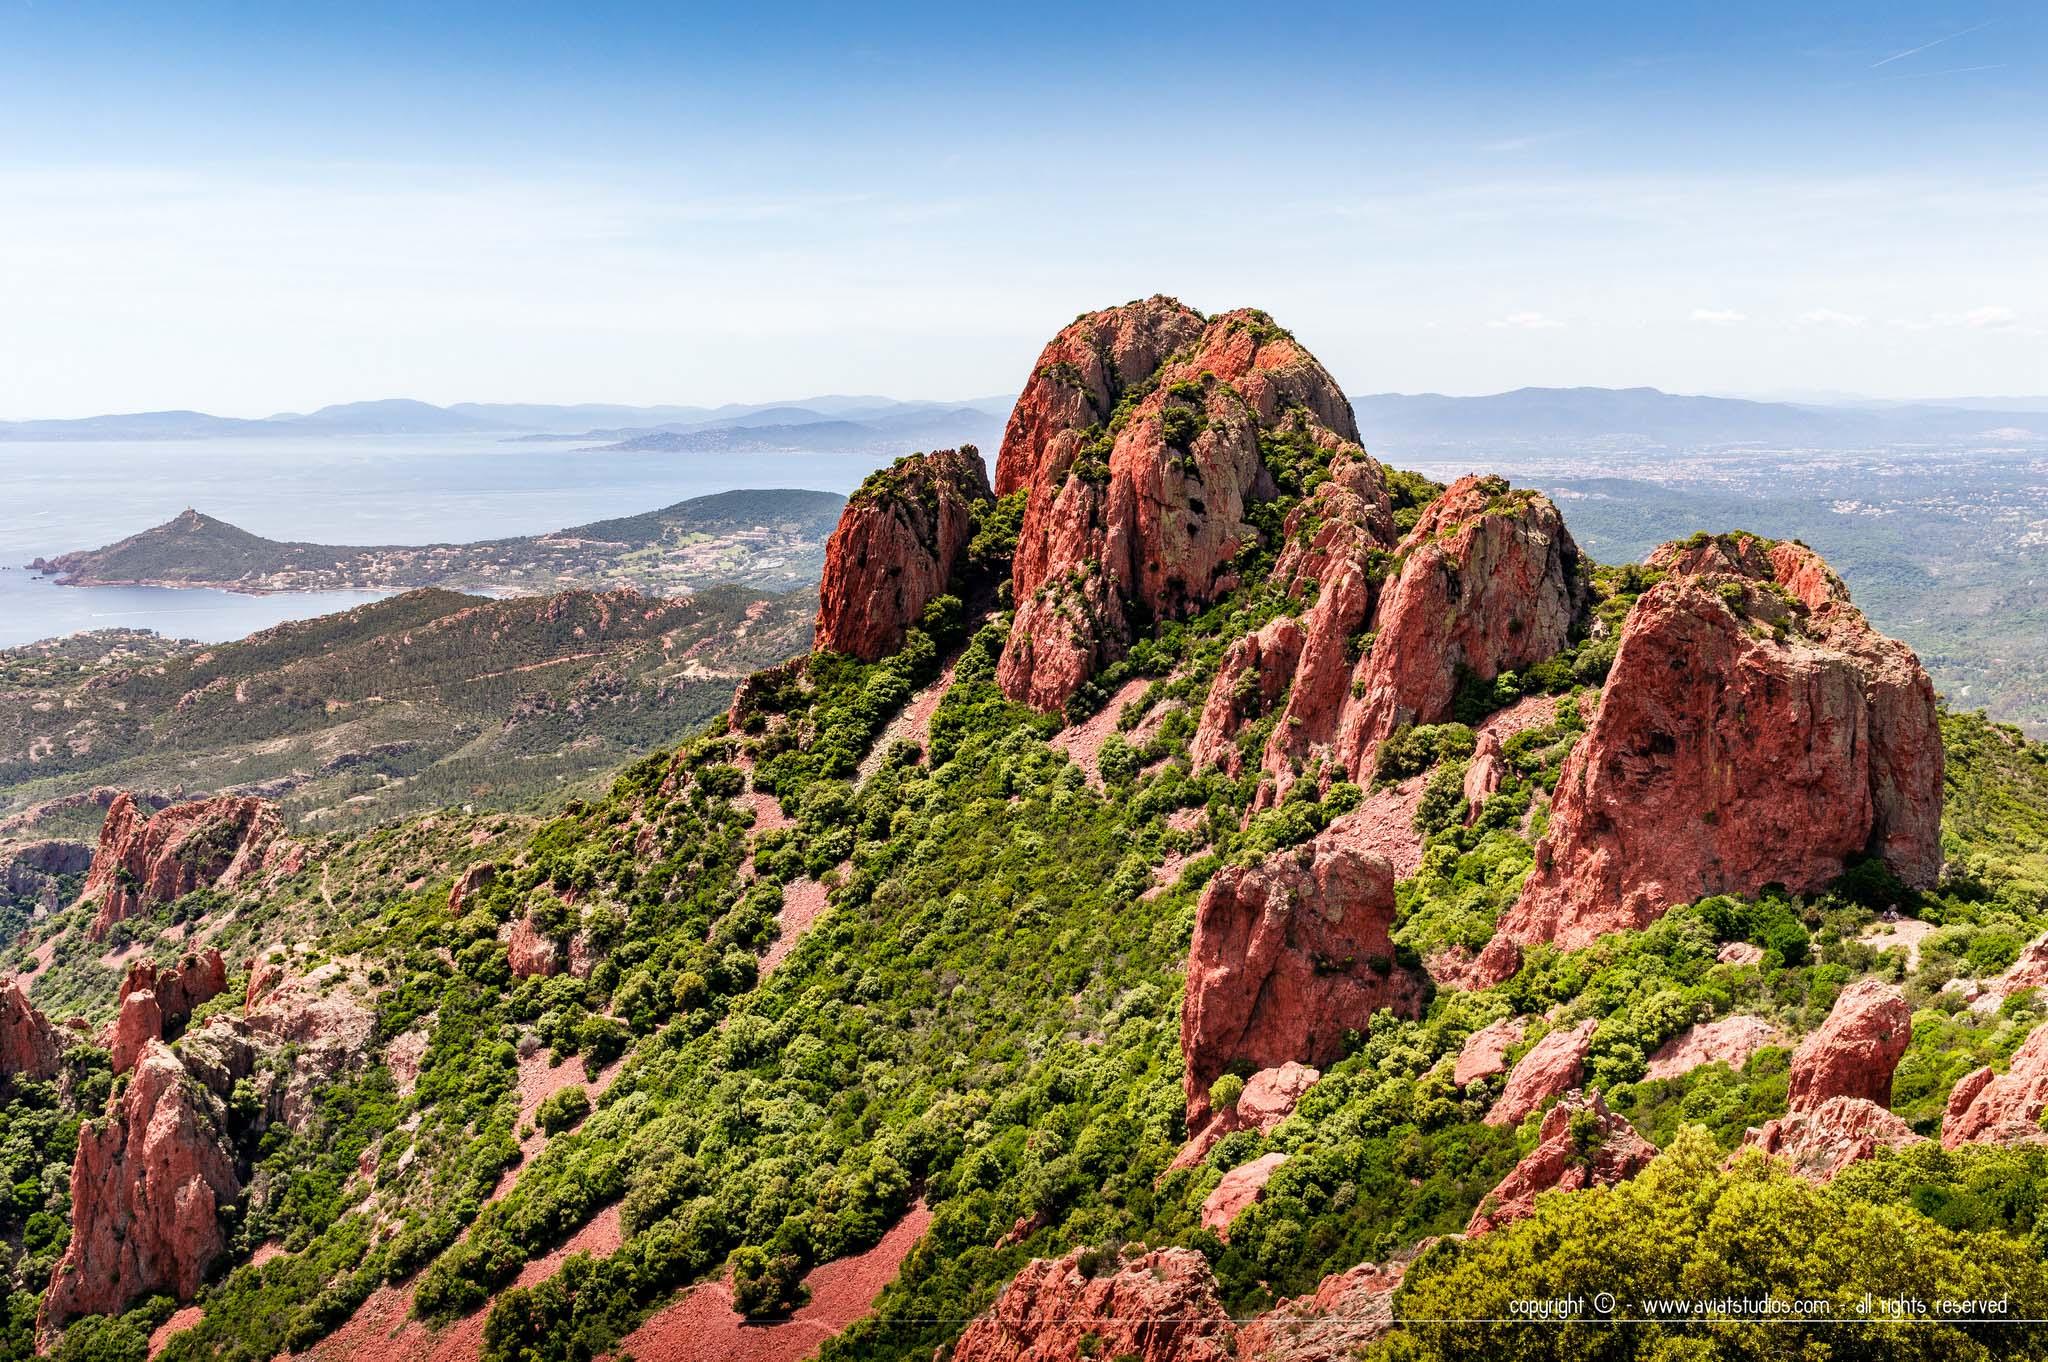 Randonnée dans l'Estérel - les roches rouges piquées de verdure du massif de l'Estérel